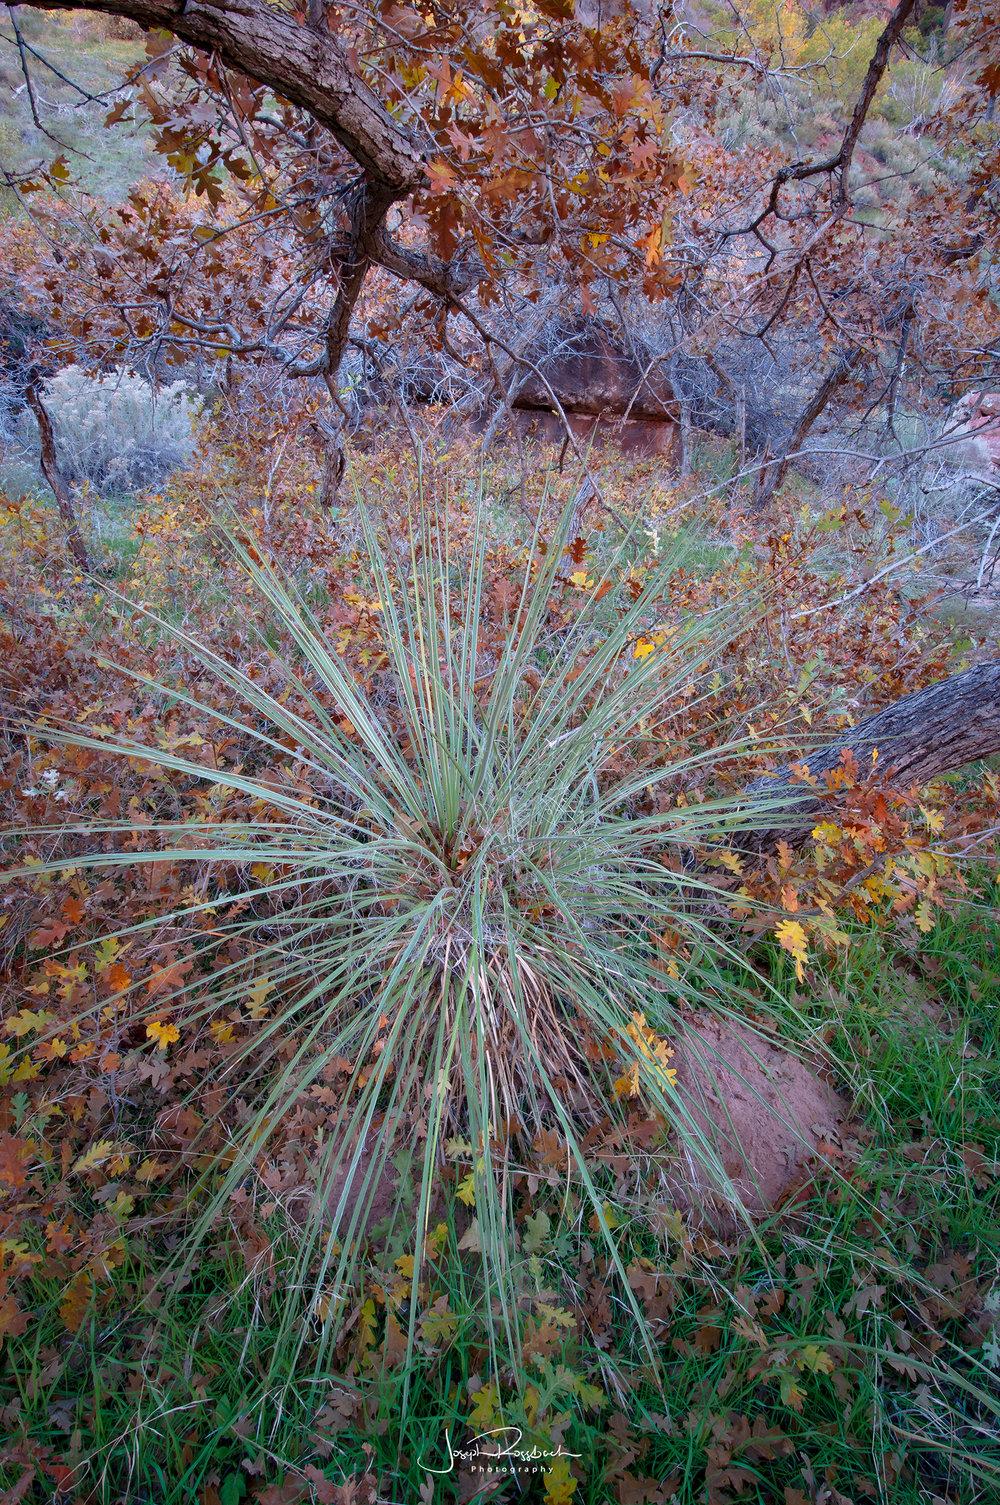 autumn-color-zion-national-park.jpg